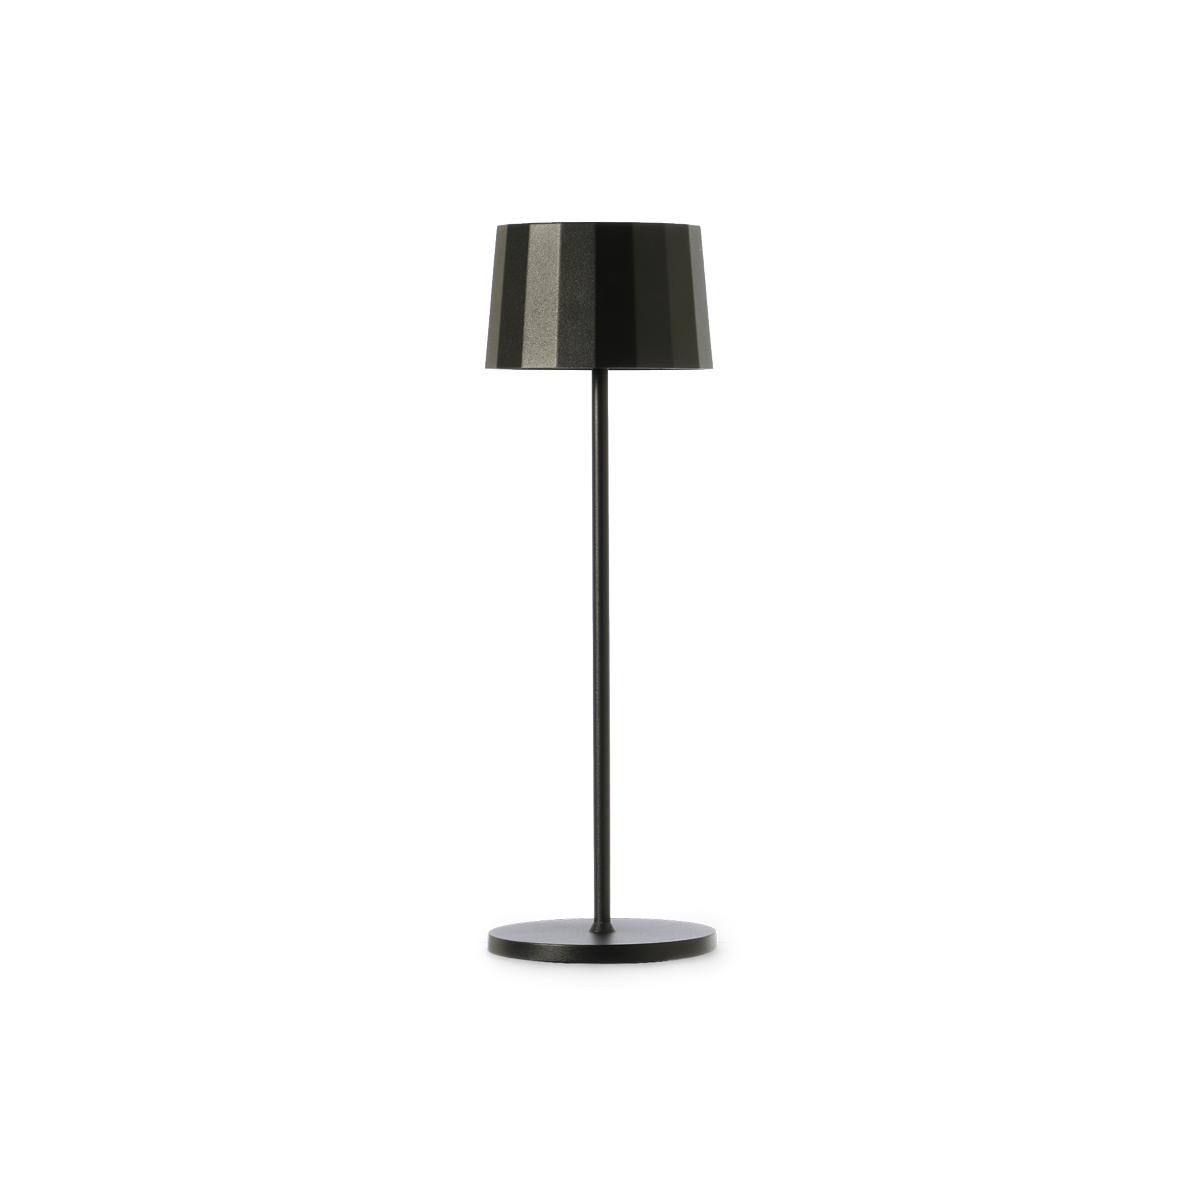 Lampada da tavolo nera. Ricaricabile tramite micro USB, dimmerabile e resistente ad acqua e polvere d. 11 cm h. 35 cm